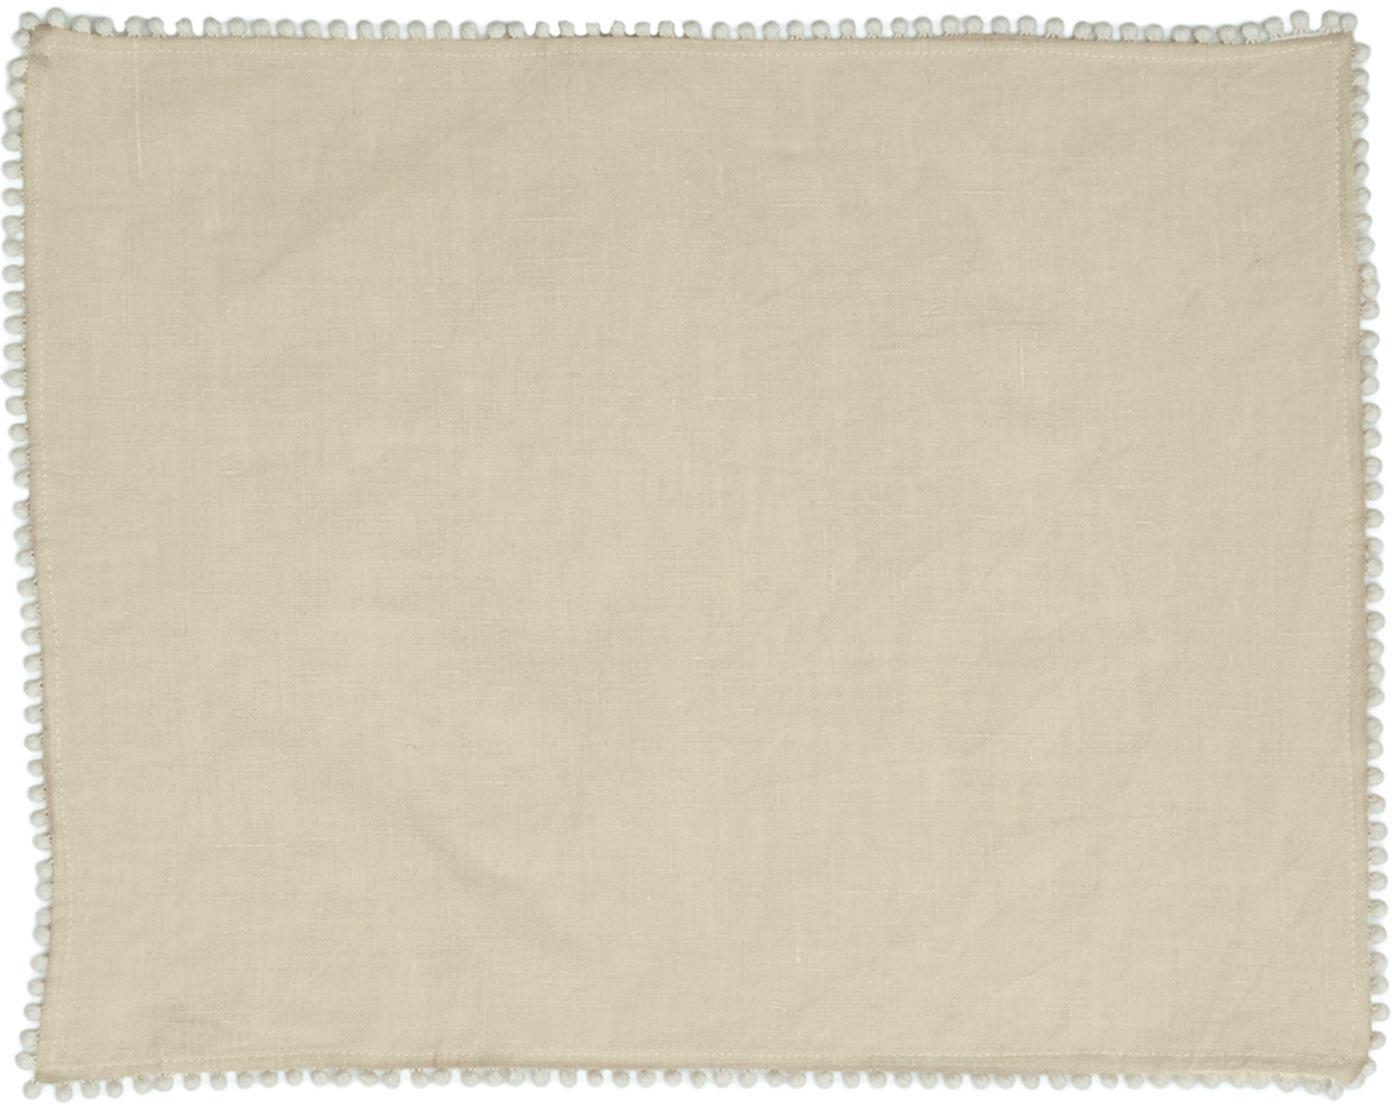 Manteles individuales de lino Pom Pom, 2uds., Lino, Beige, An 35 x L 45 cm